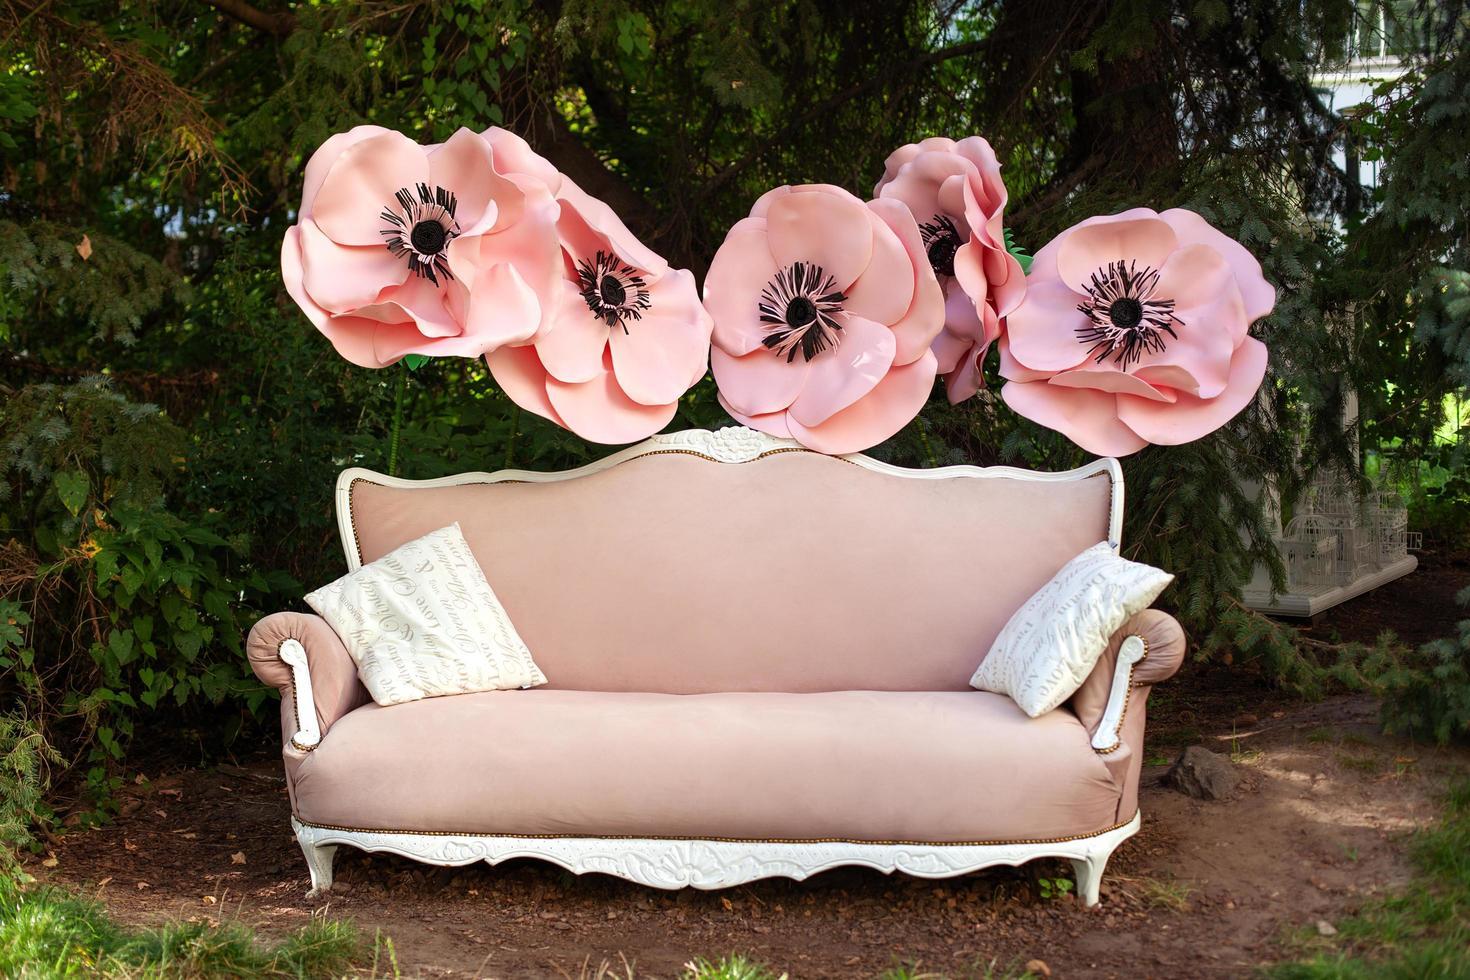 Garden vintage pink sofa on summer day photo